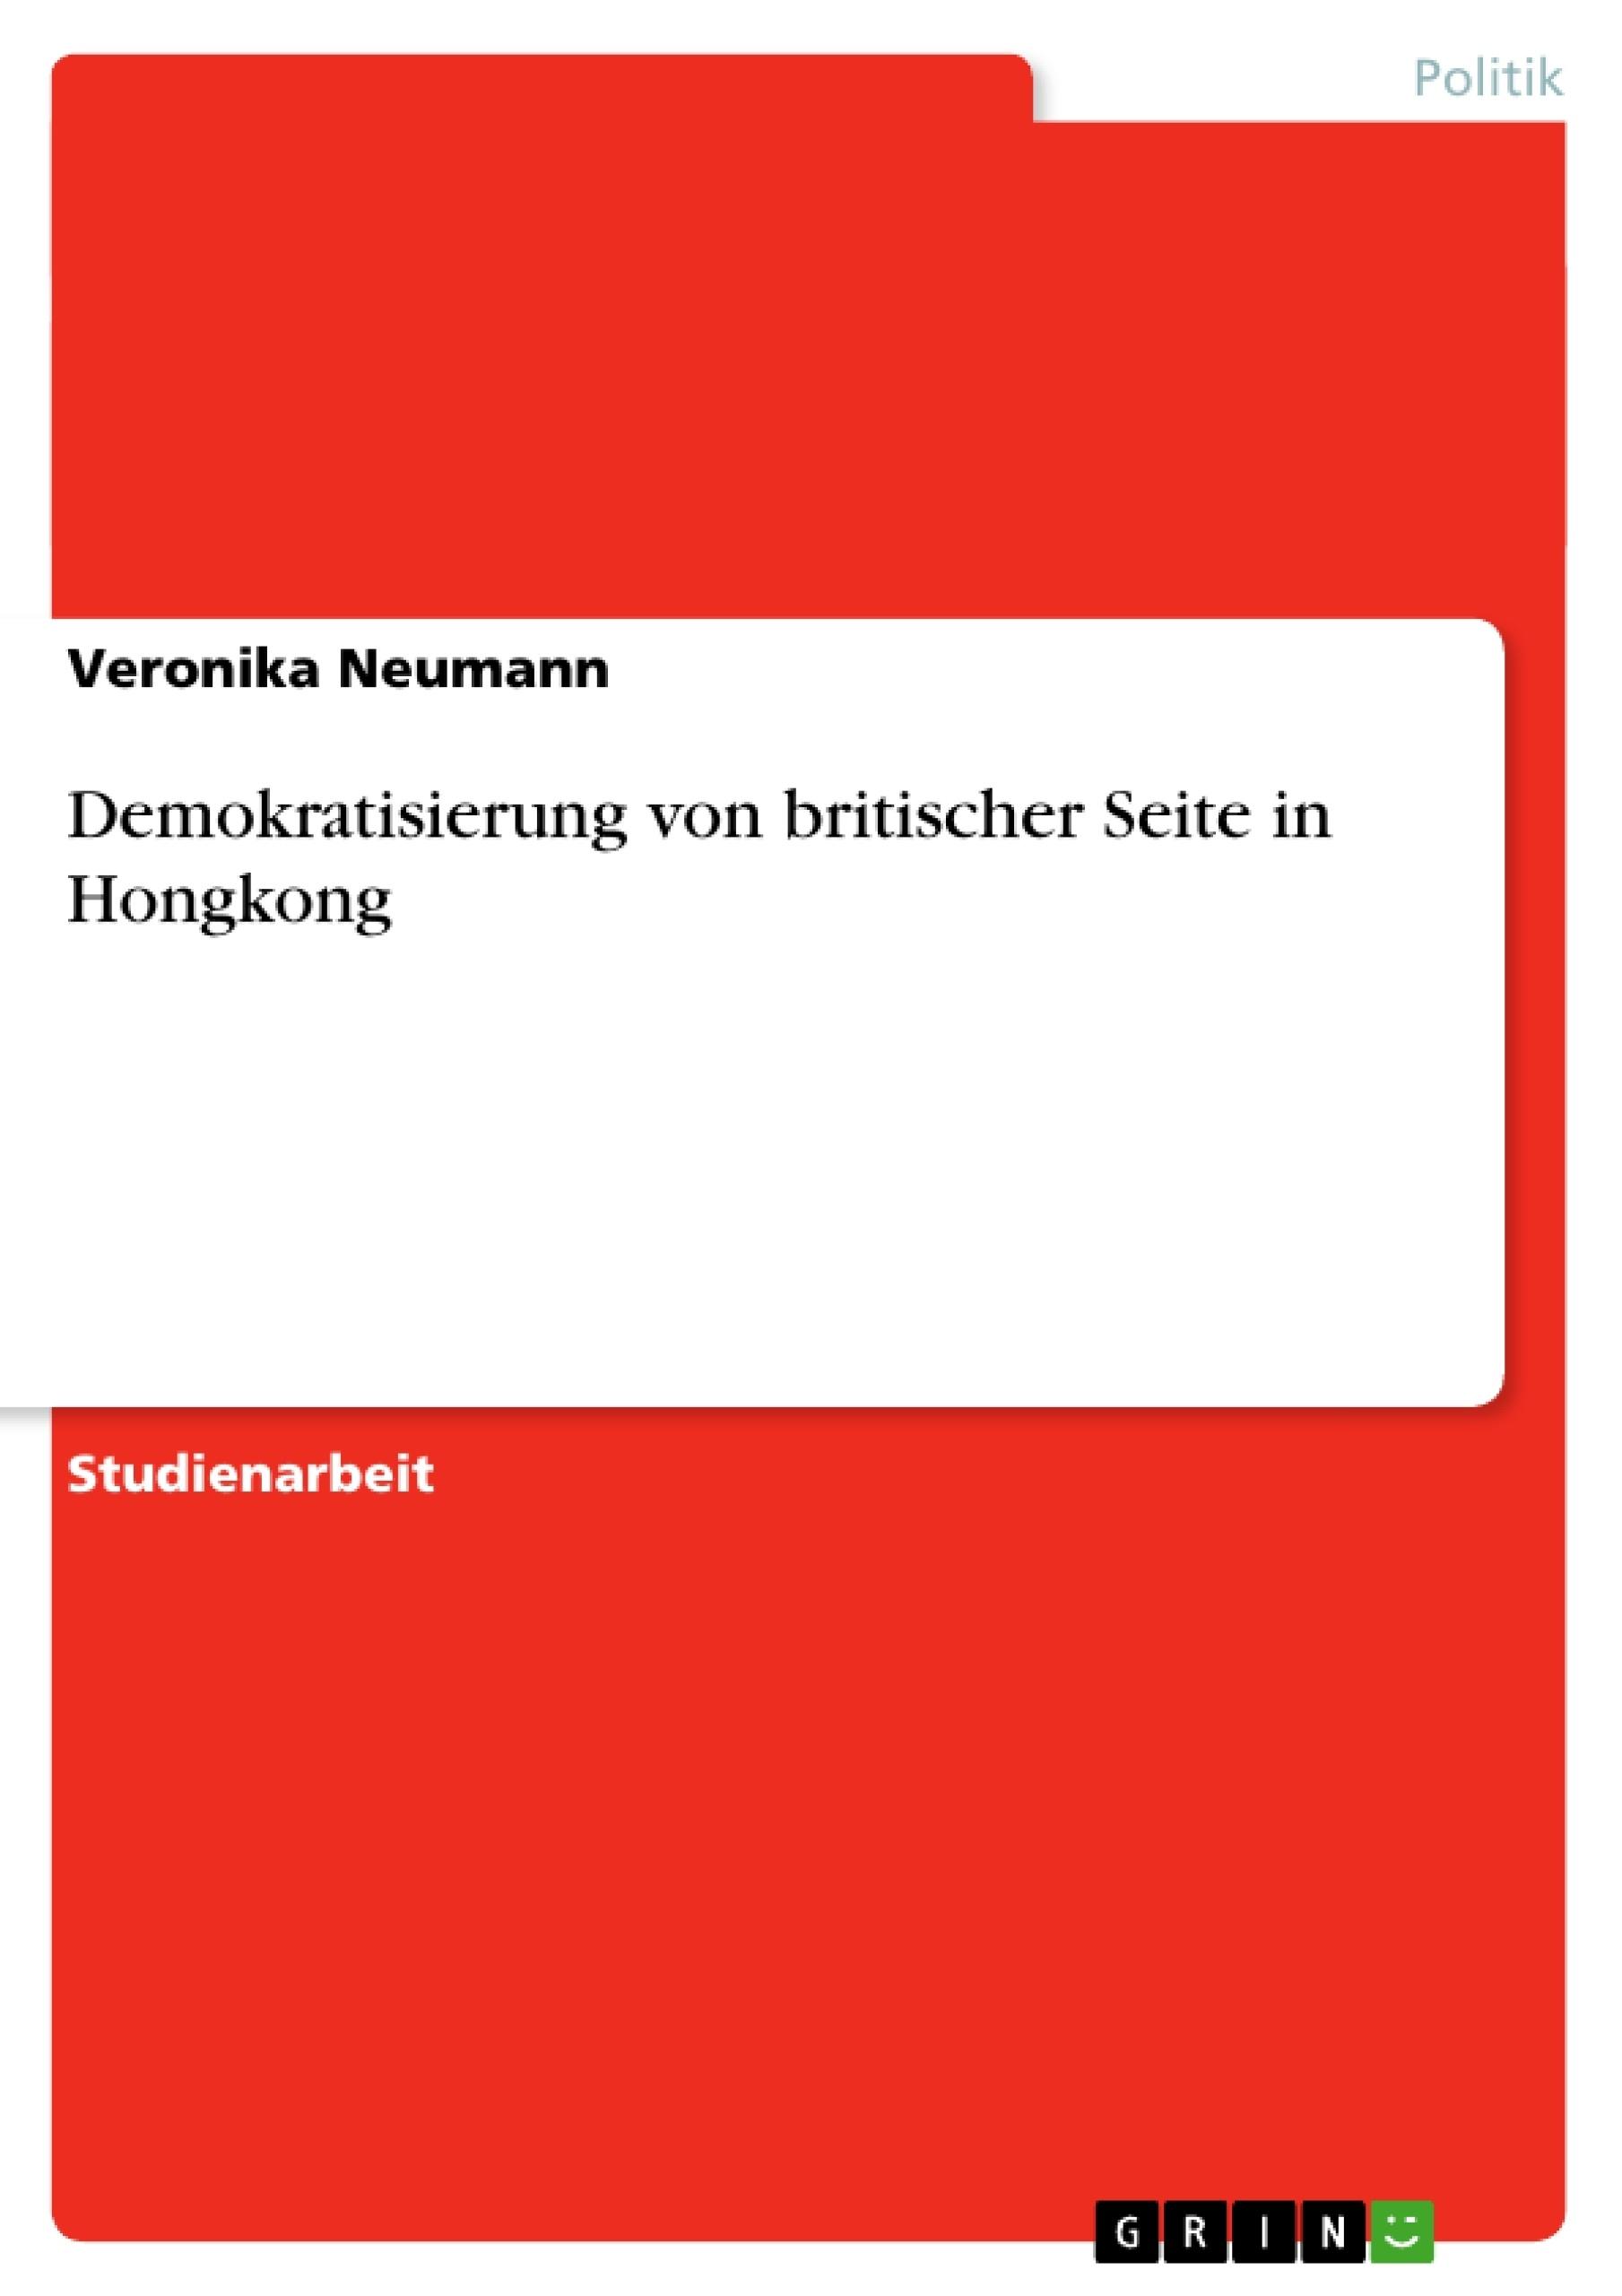 Titel: Demokratisierung von britischer Seite in Hongkong